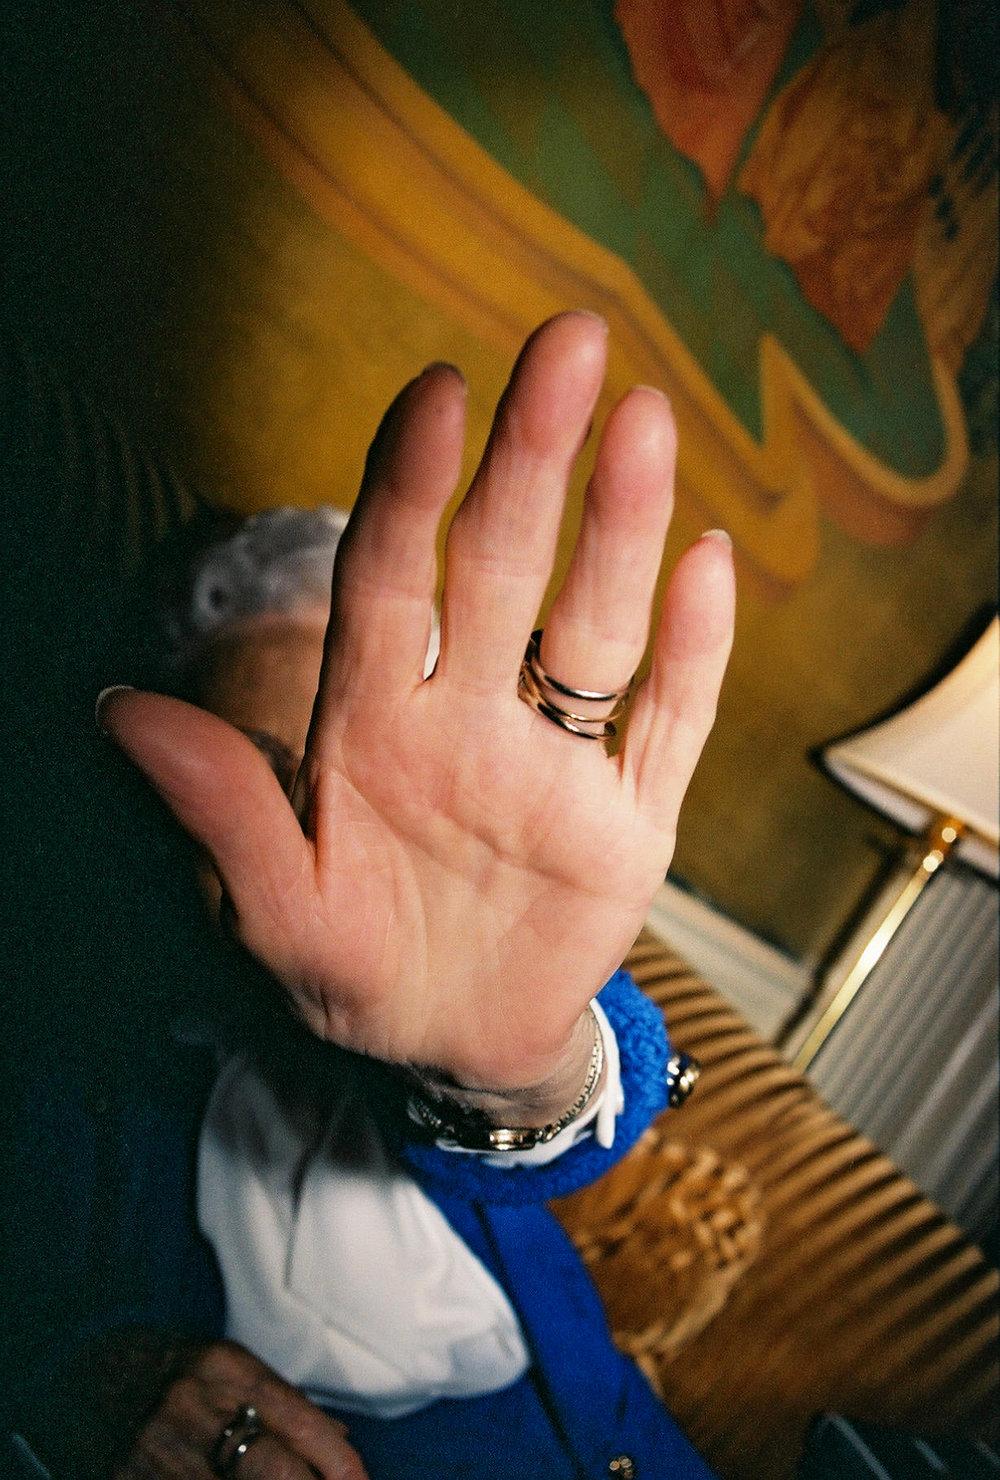 Nana Hand Stop.jpg